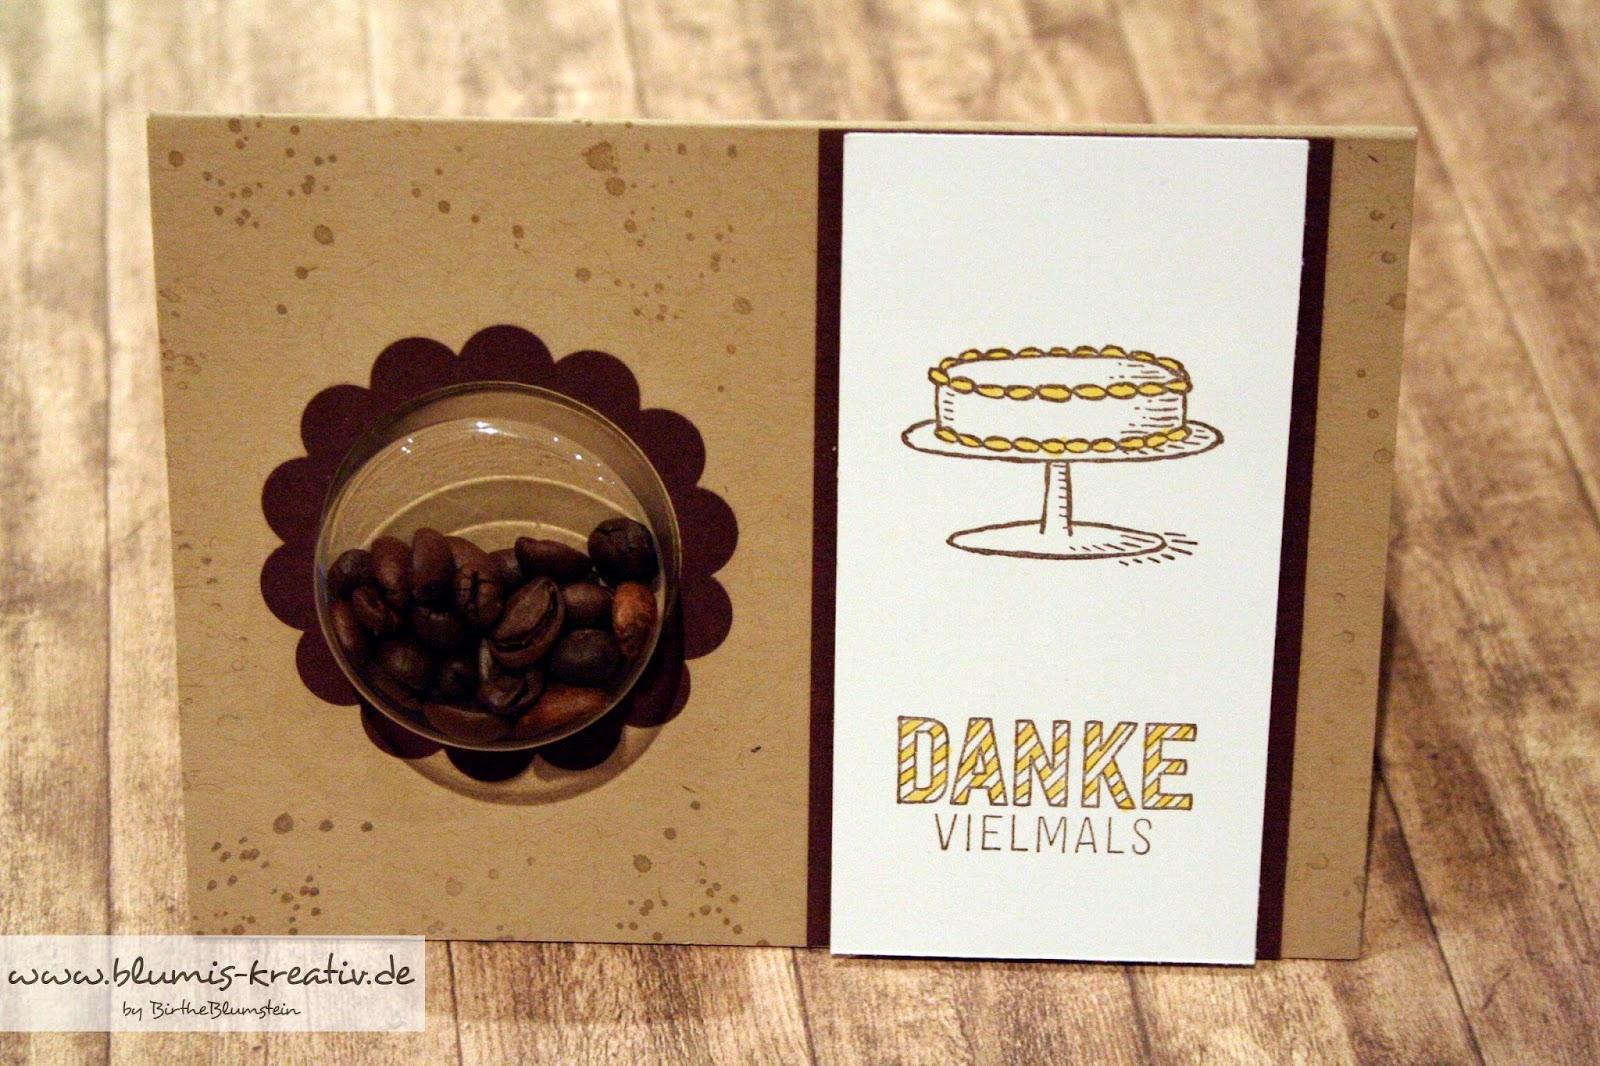 blumis kreativ blog einladung zum kaffee und kuchen. Black Bedroom Furniture Sets. Home Design Ideas